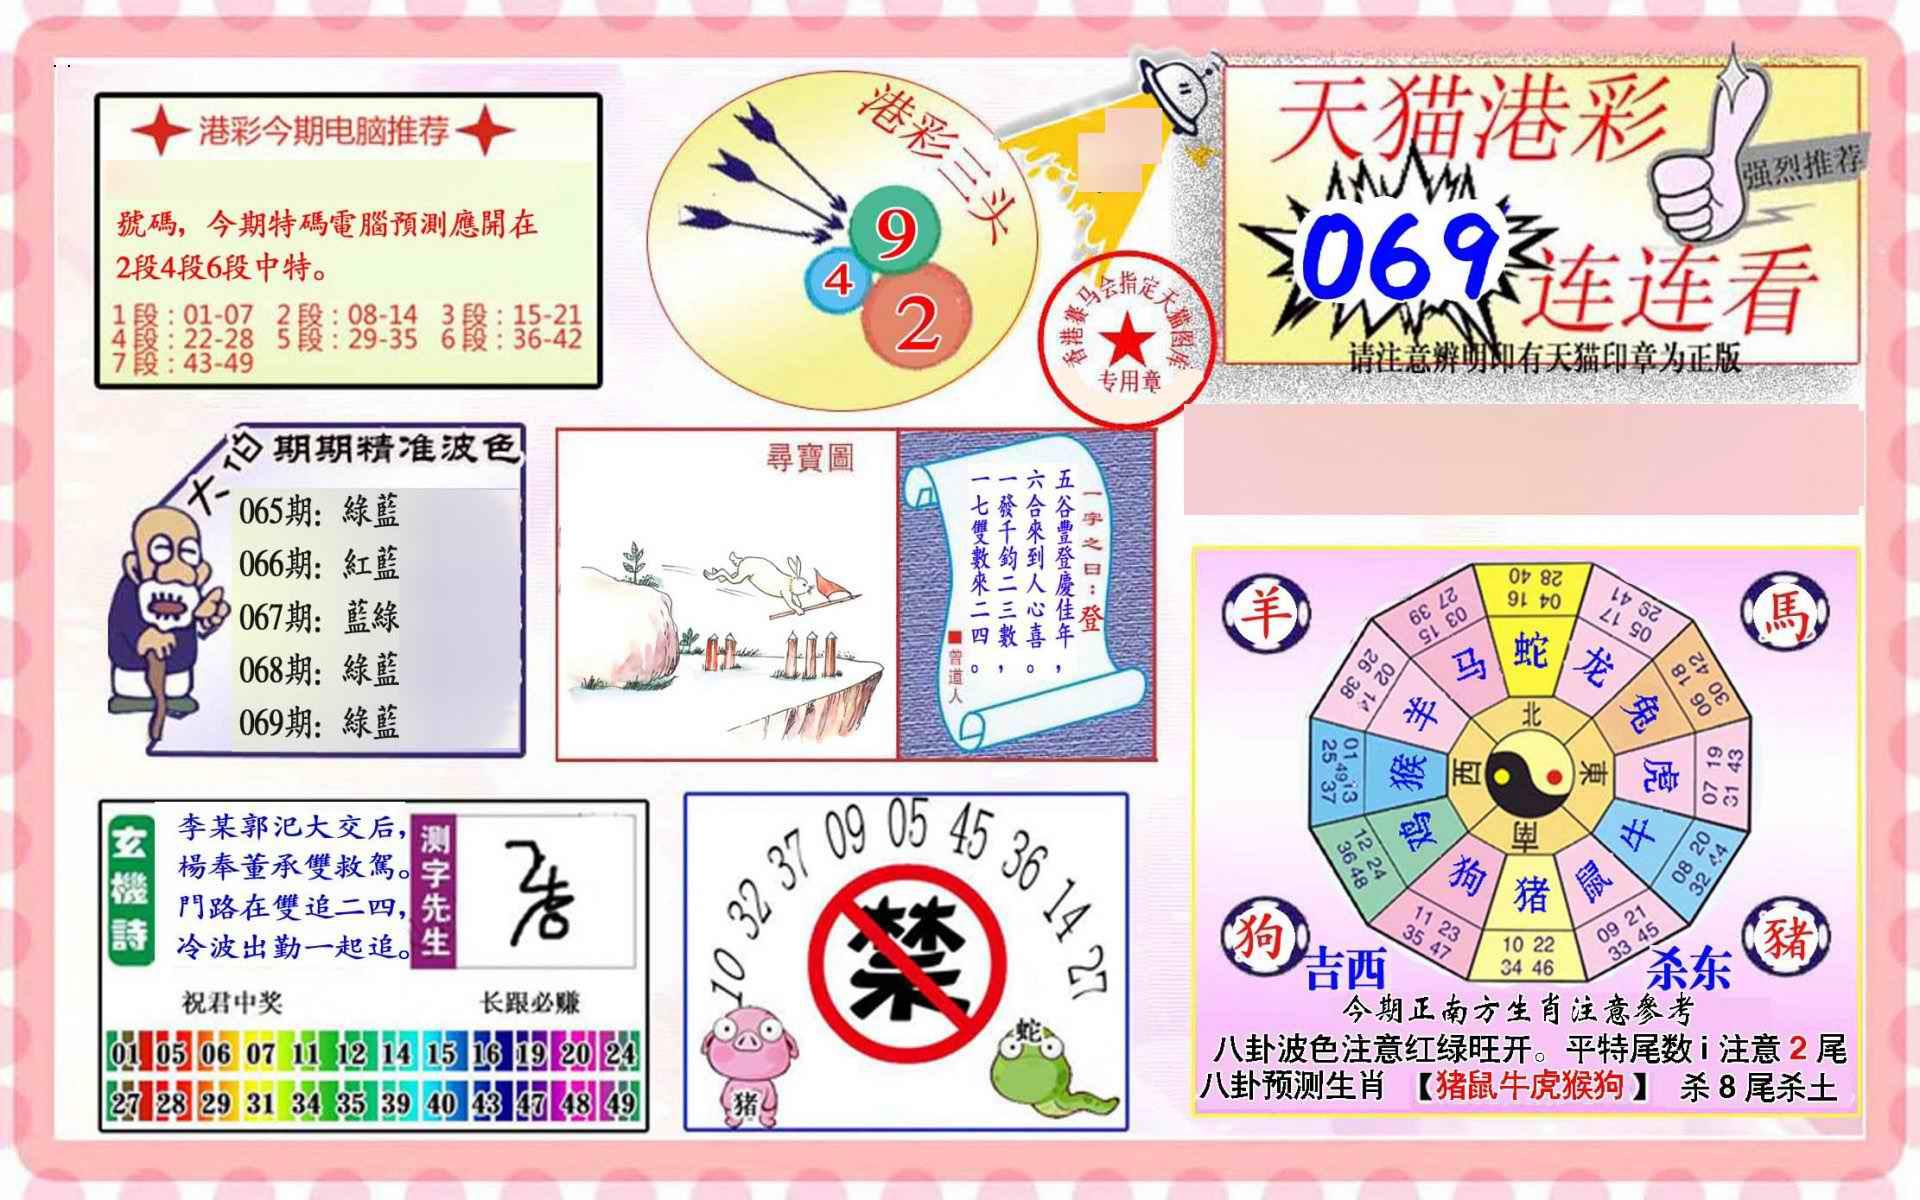 069期港彩连连中